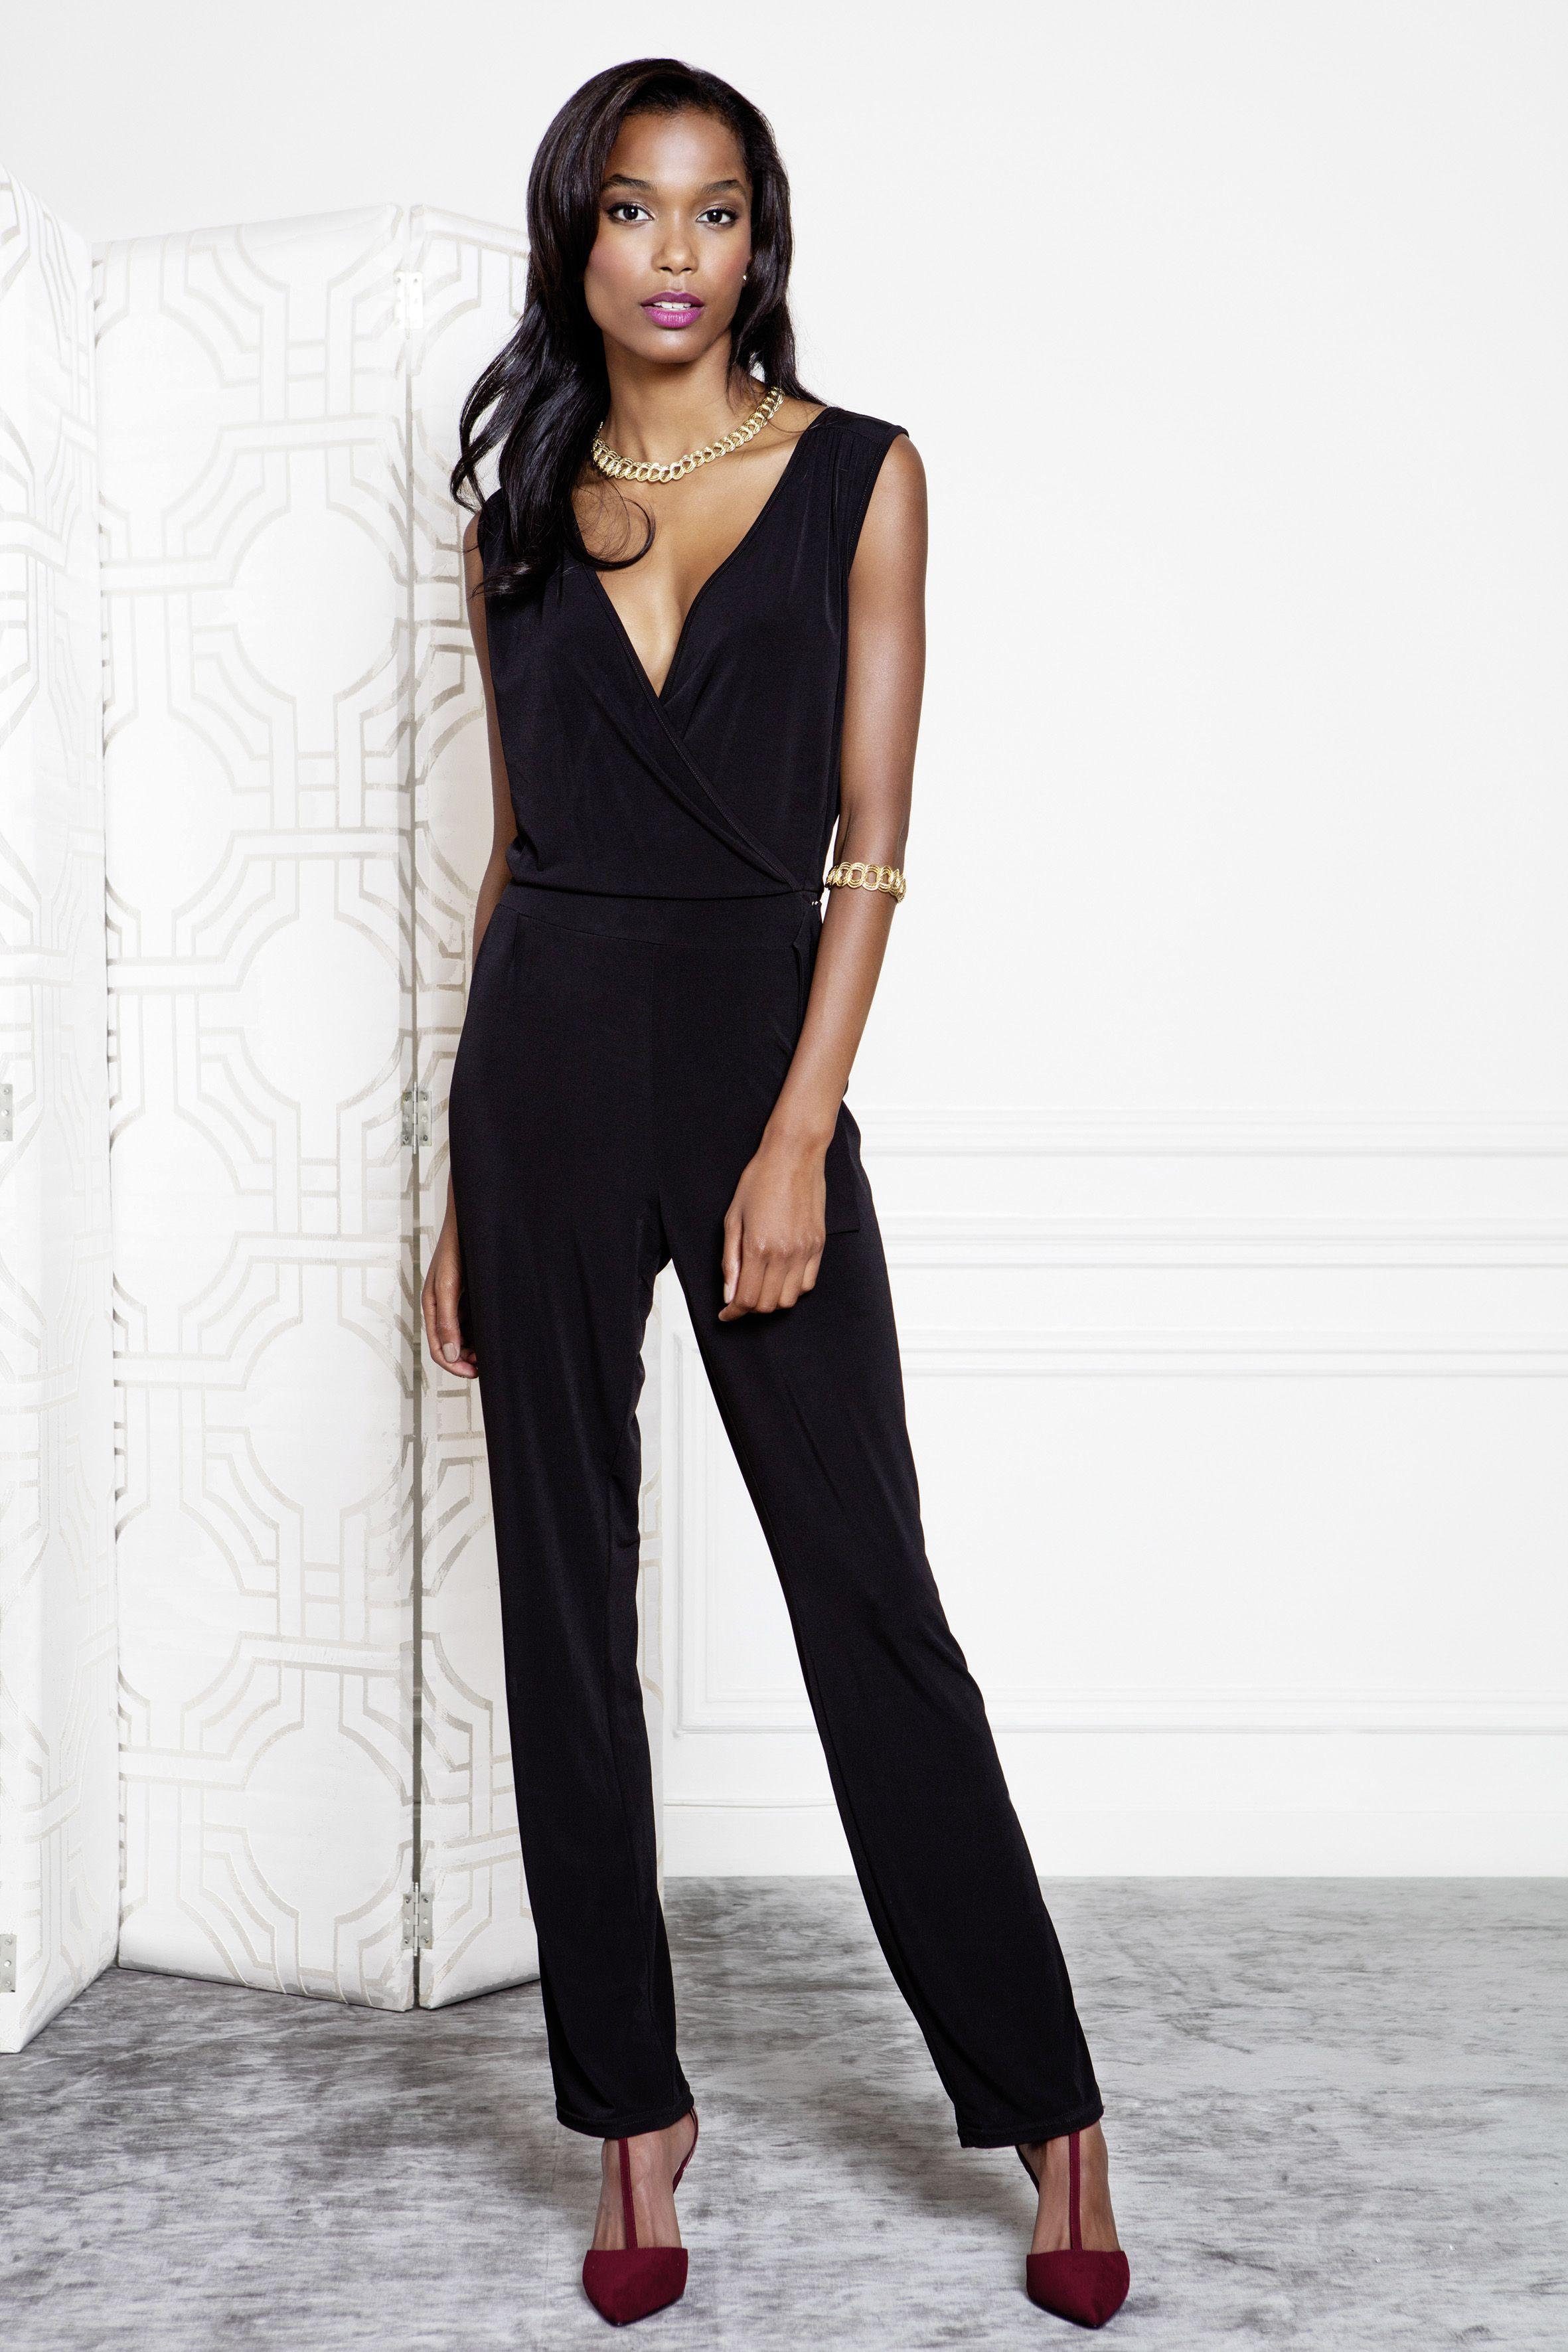 Combinaison noire femme - Carrefour Tex